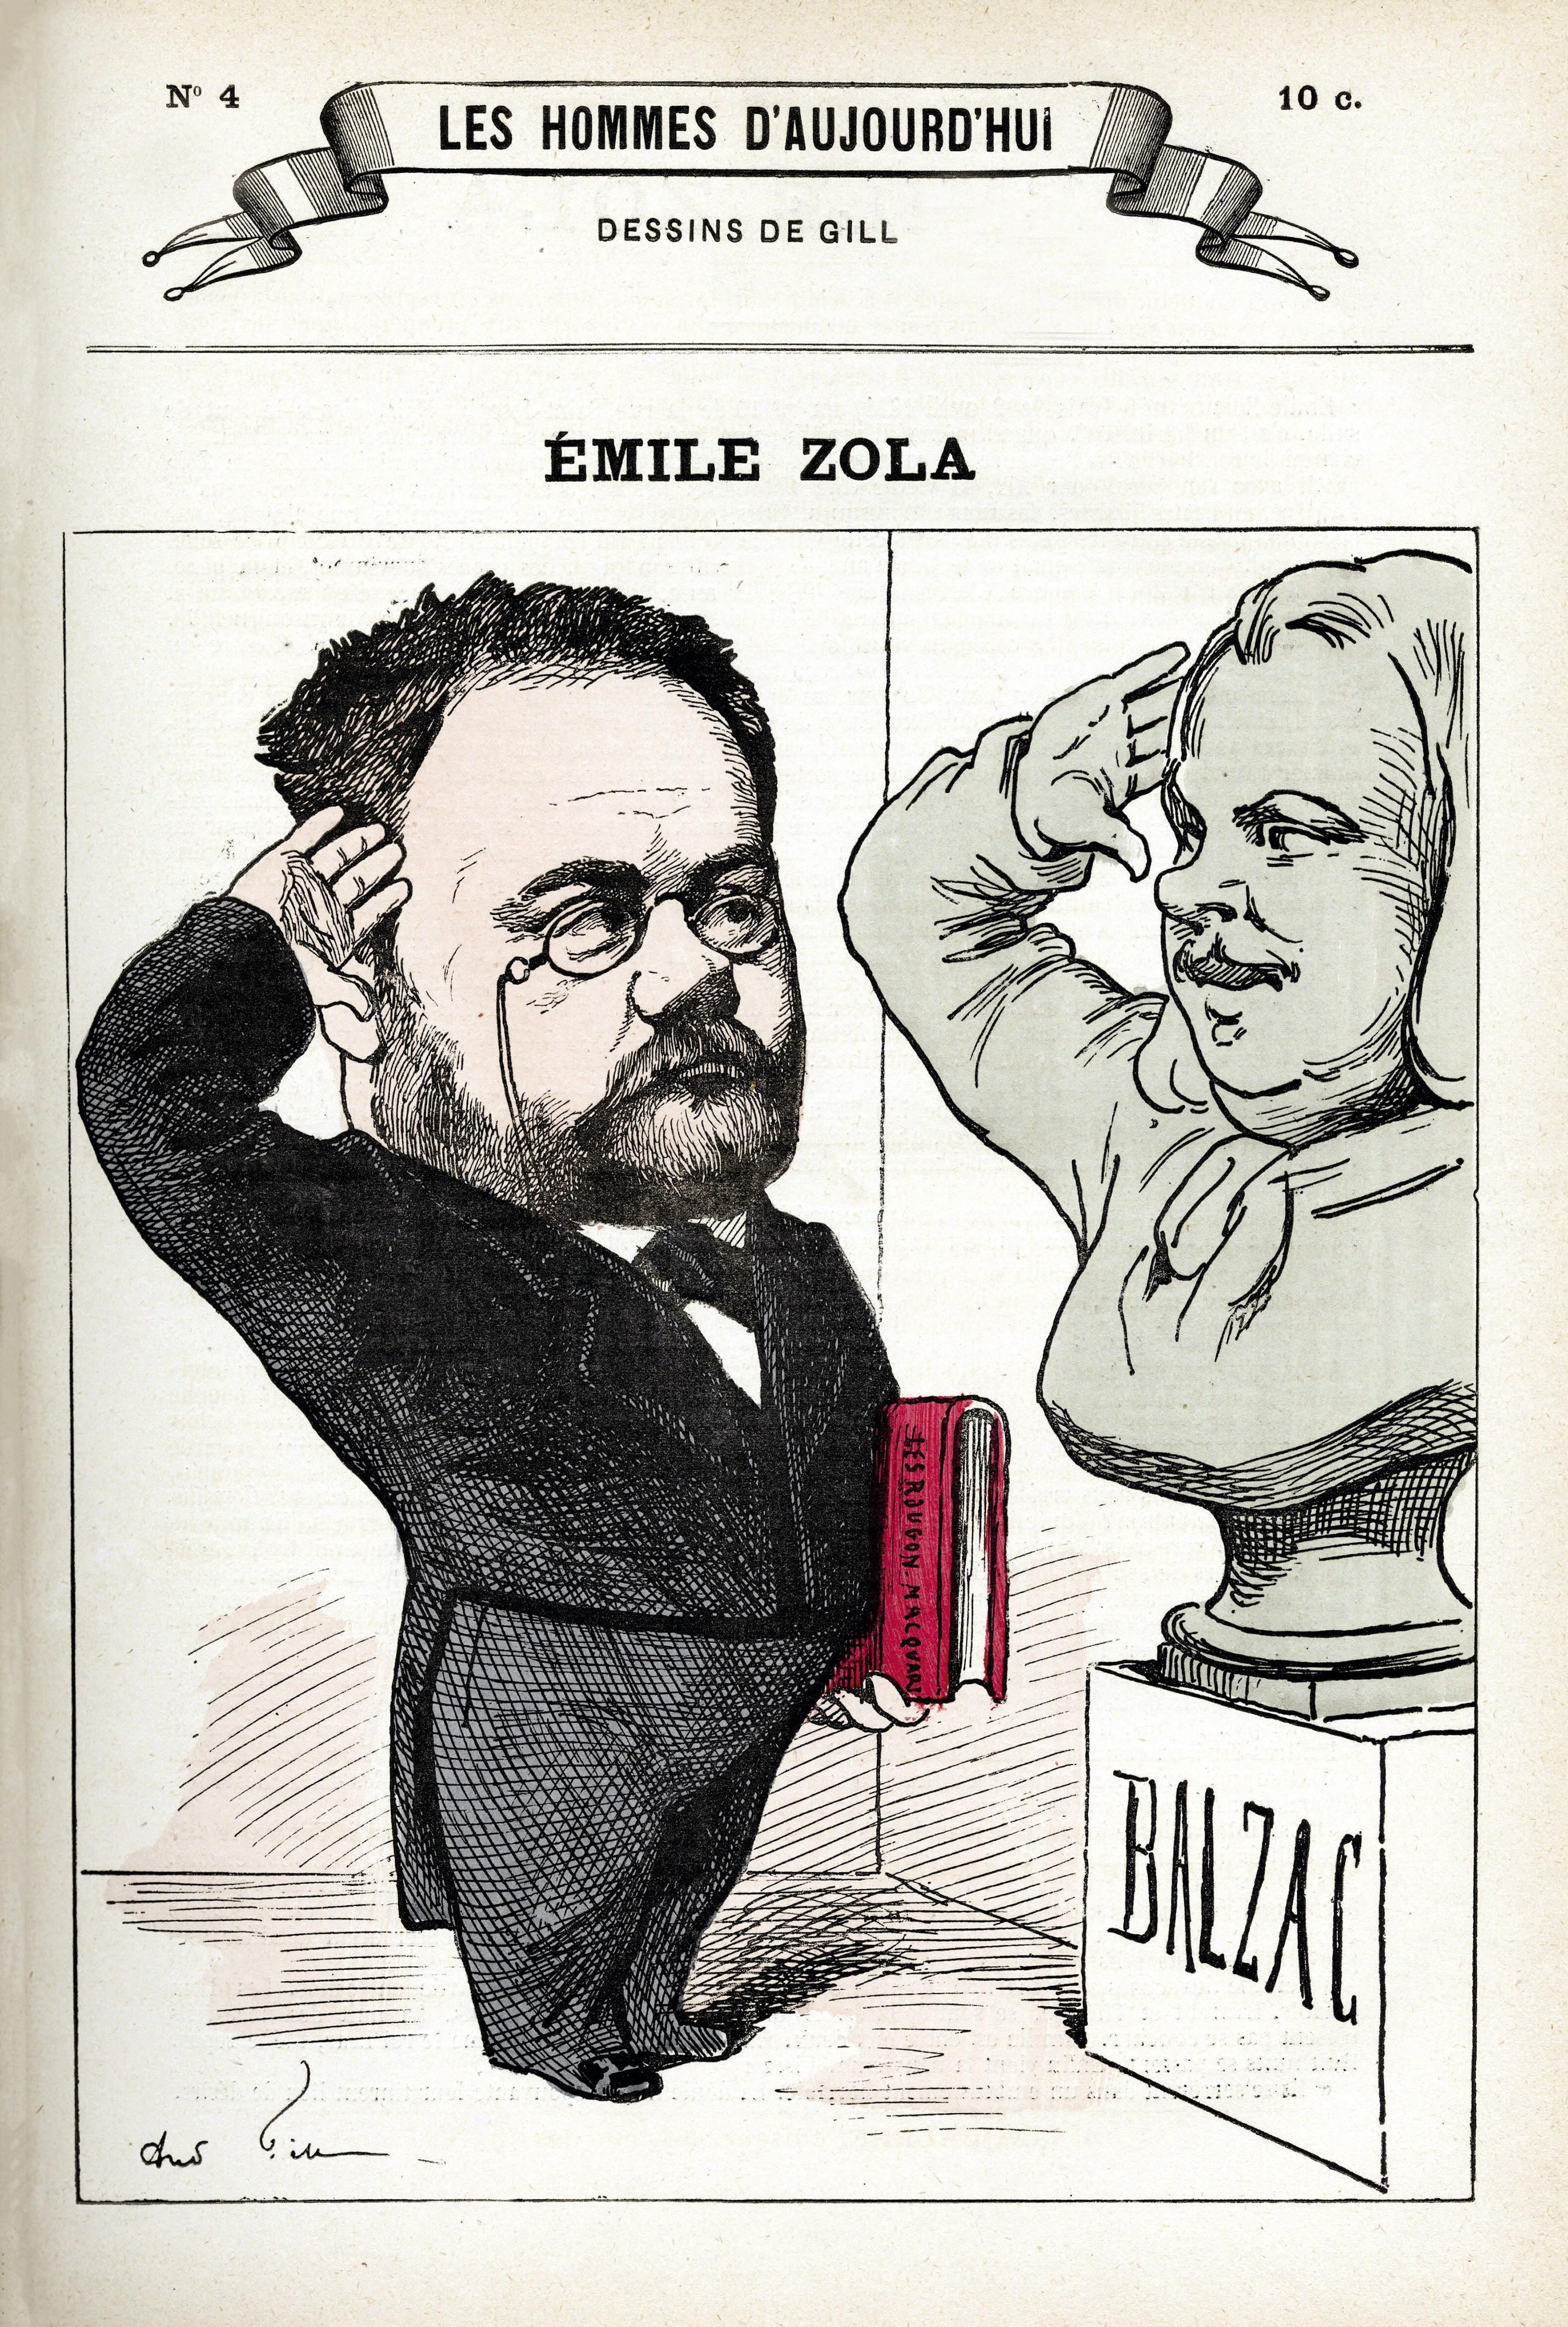 André Gill, Les Hommes d'aujourd'hui : Émile Zola